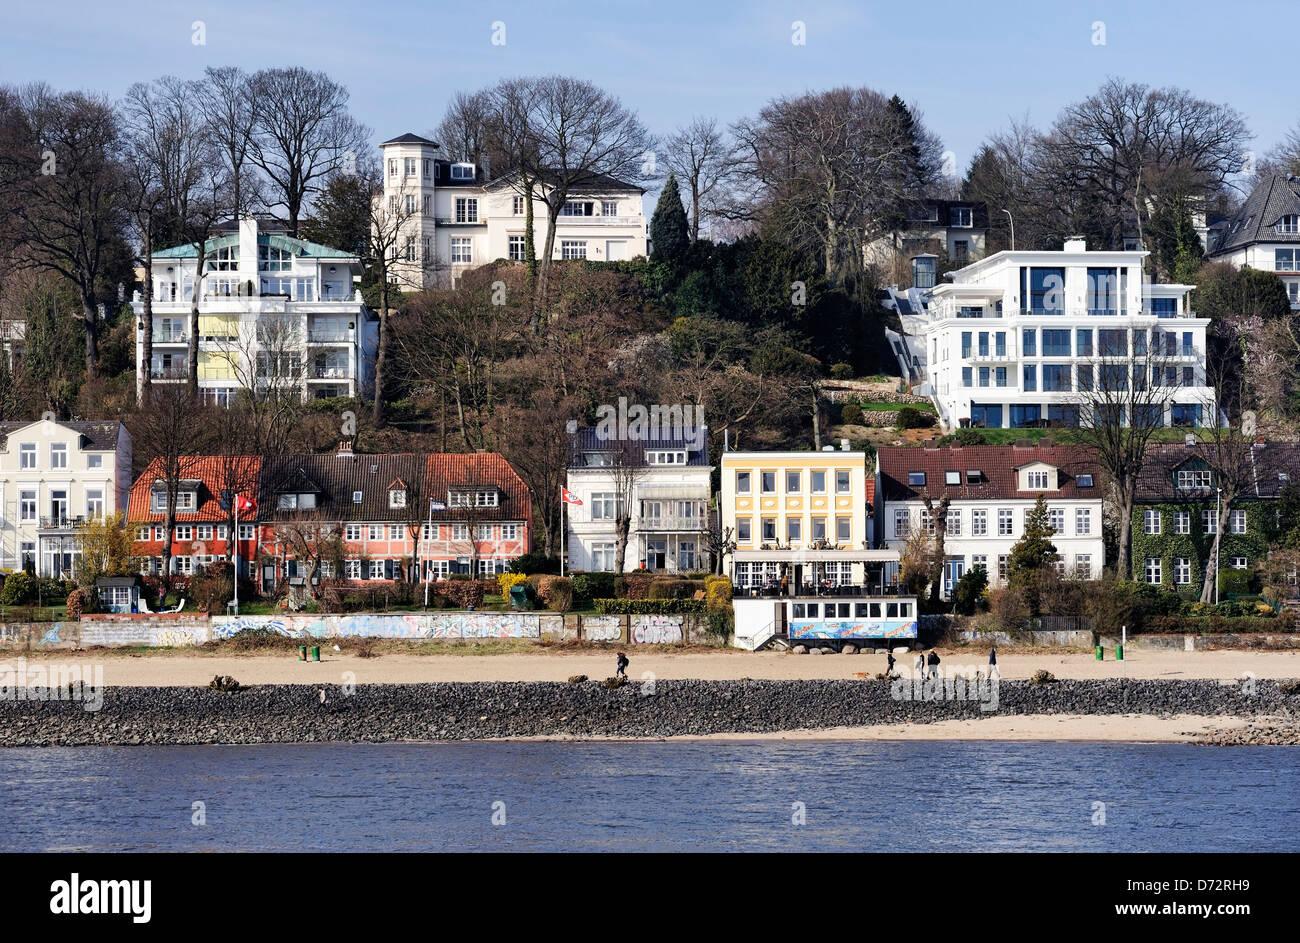 Elbufer in Övelgönne, Othmarschen, Hamburg, Germany, Europe - Stock Image